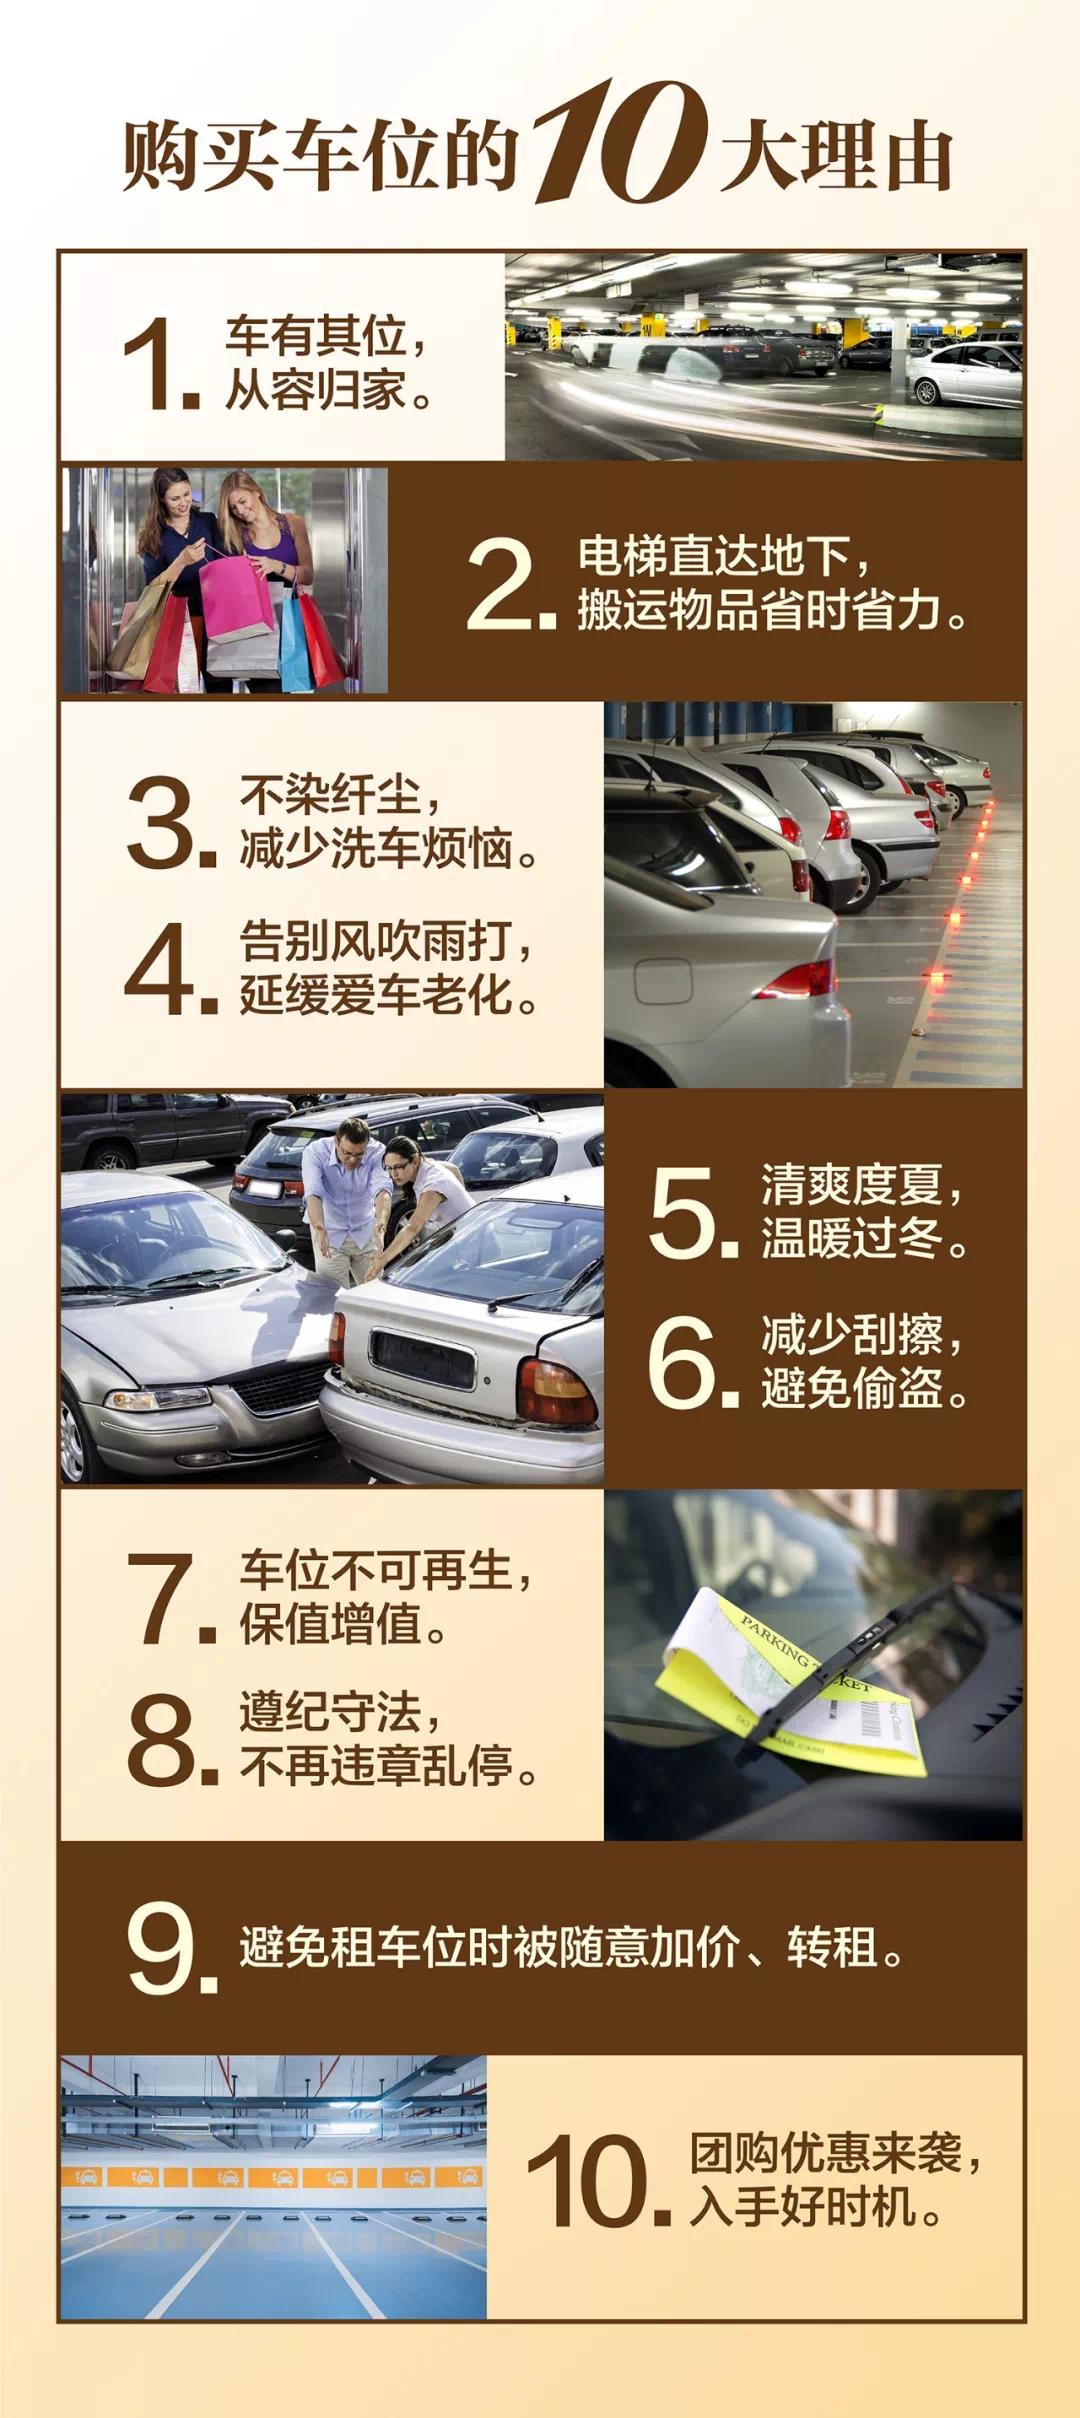 【奥源时代】车位那些事:产权车位与人防车位究竟有何区别?